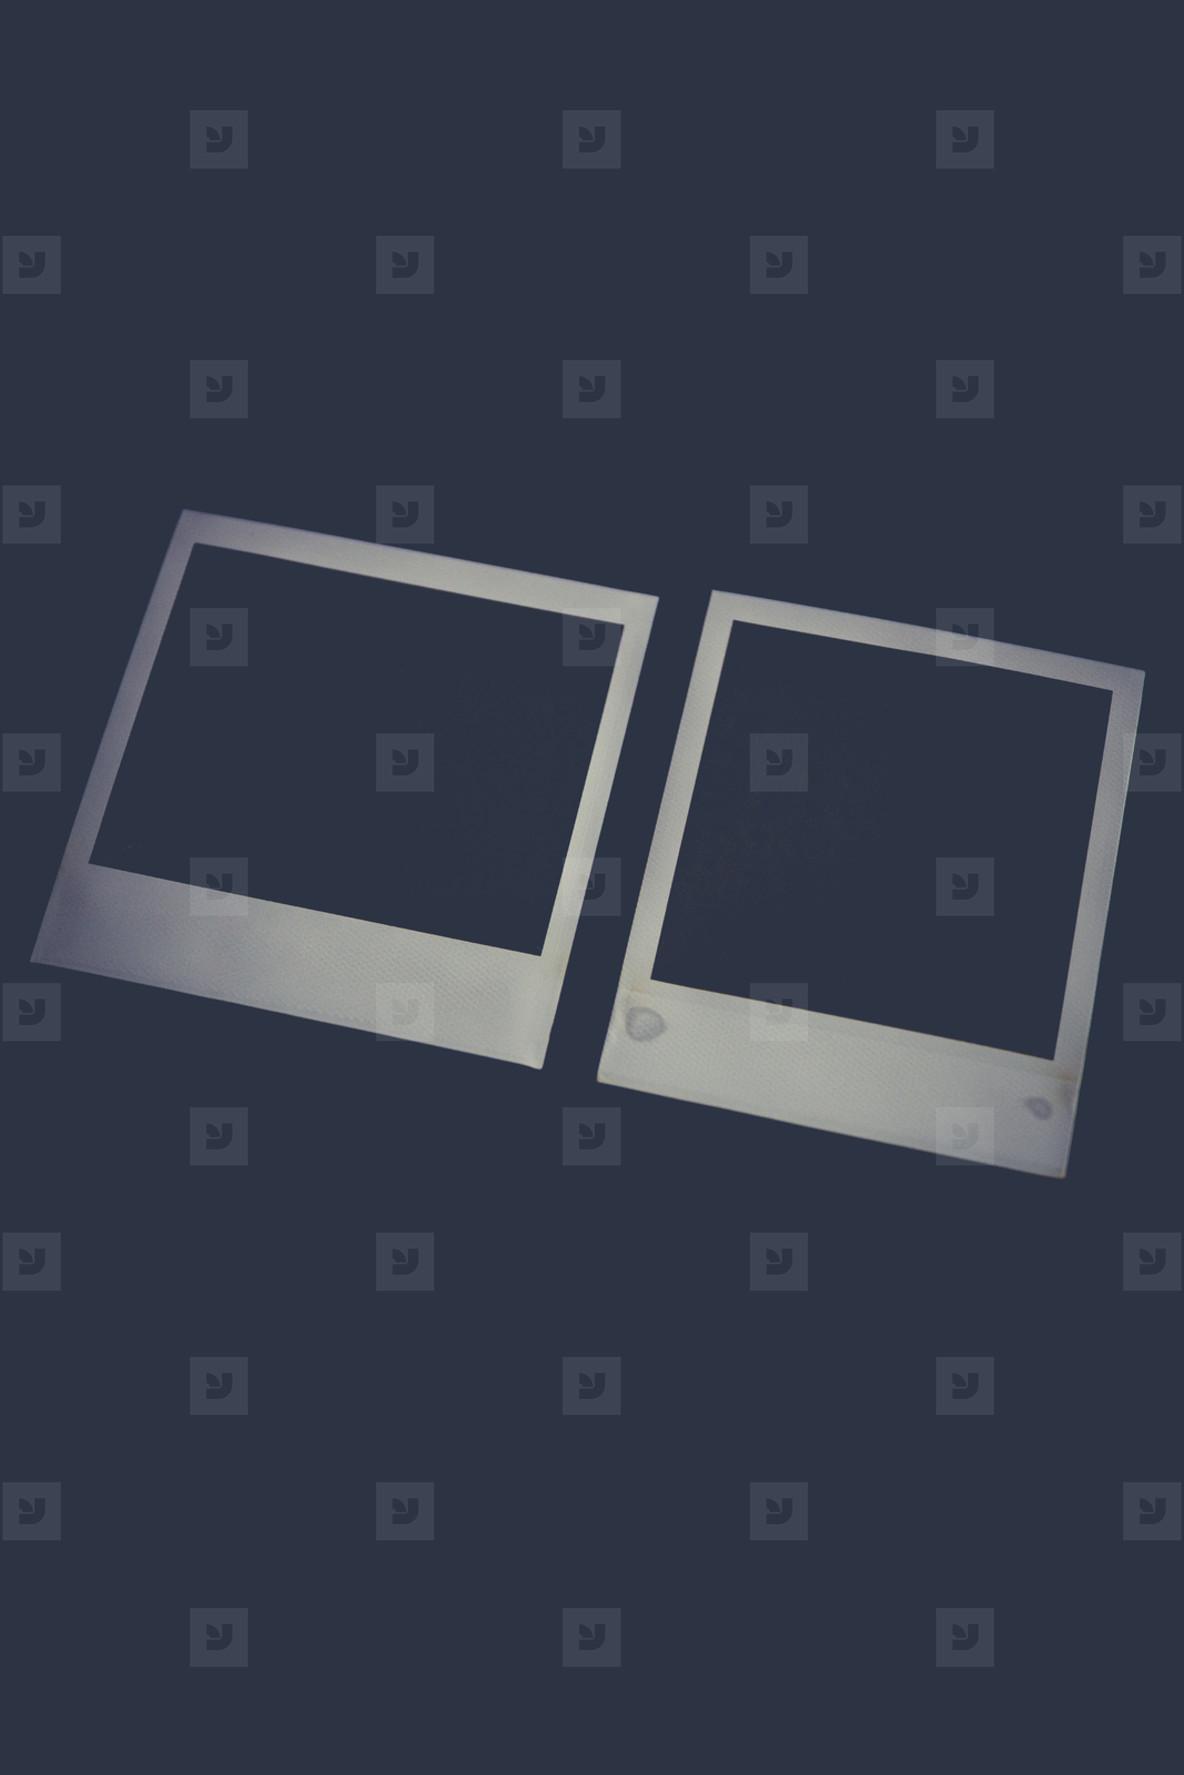 polaroid instant analog camera